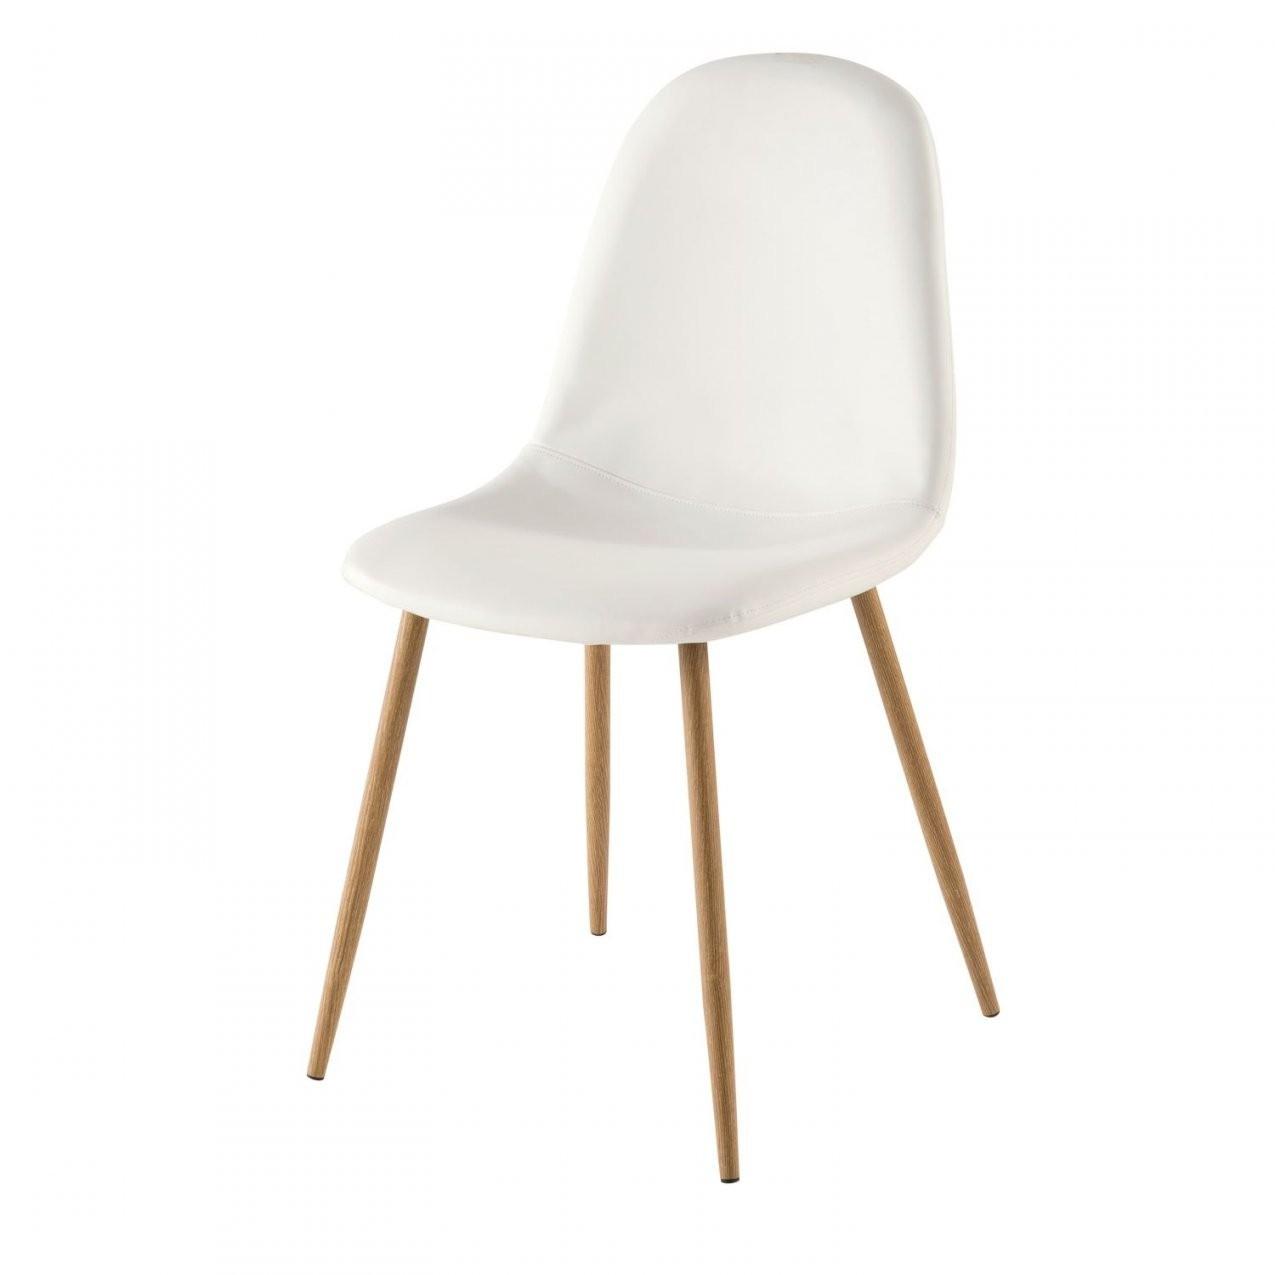 Skandinavischen Stil Stuhl The Chair Wegnerr Style Hochwertiges von Stühle Skandinavischer Stil Photo